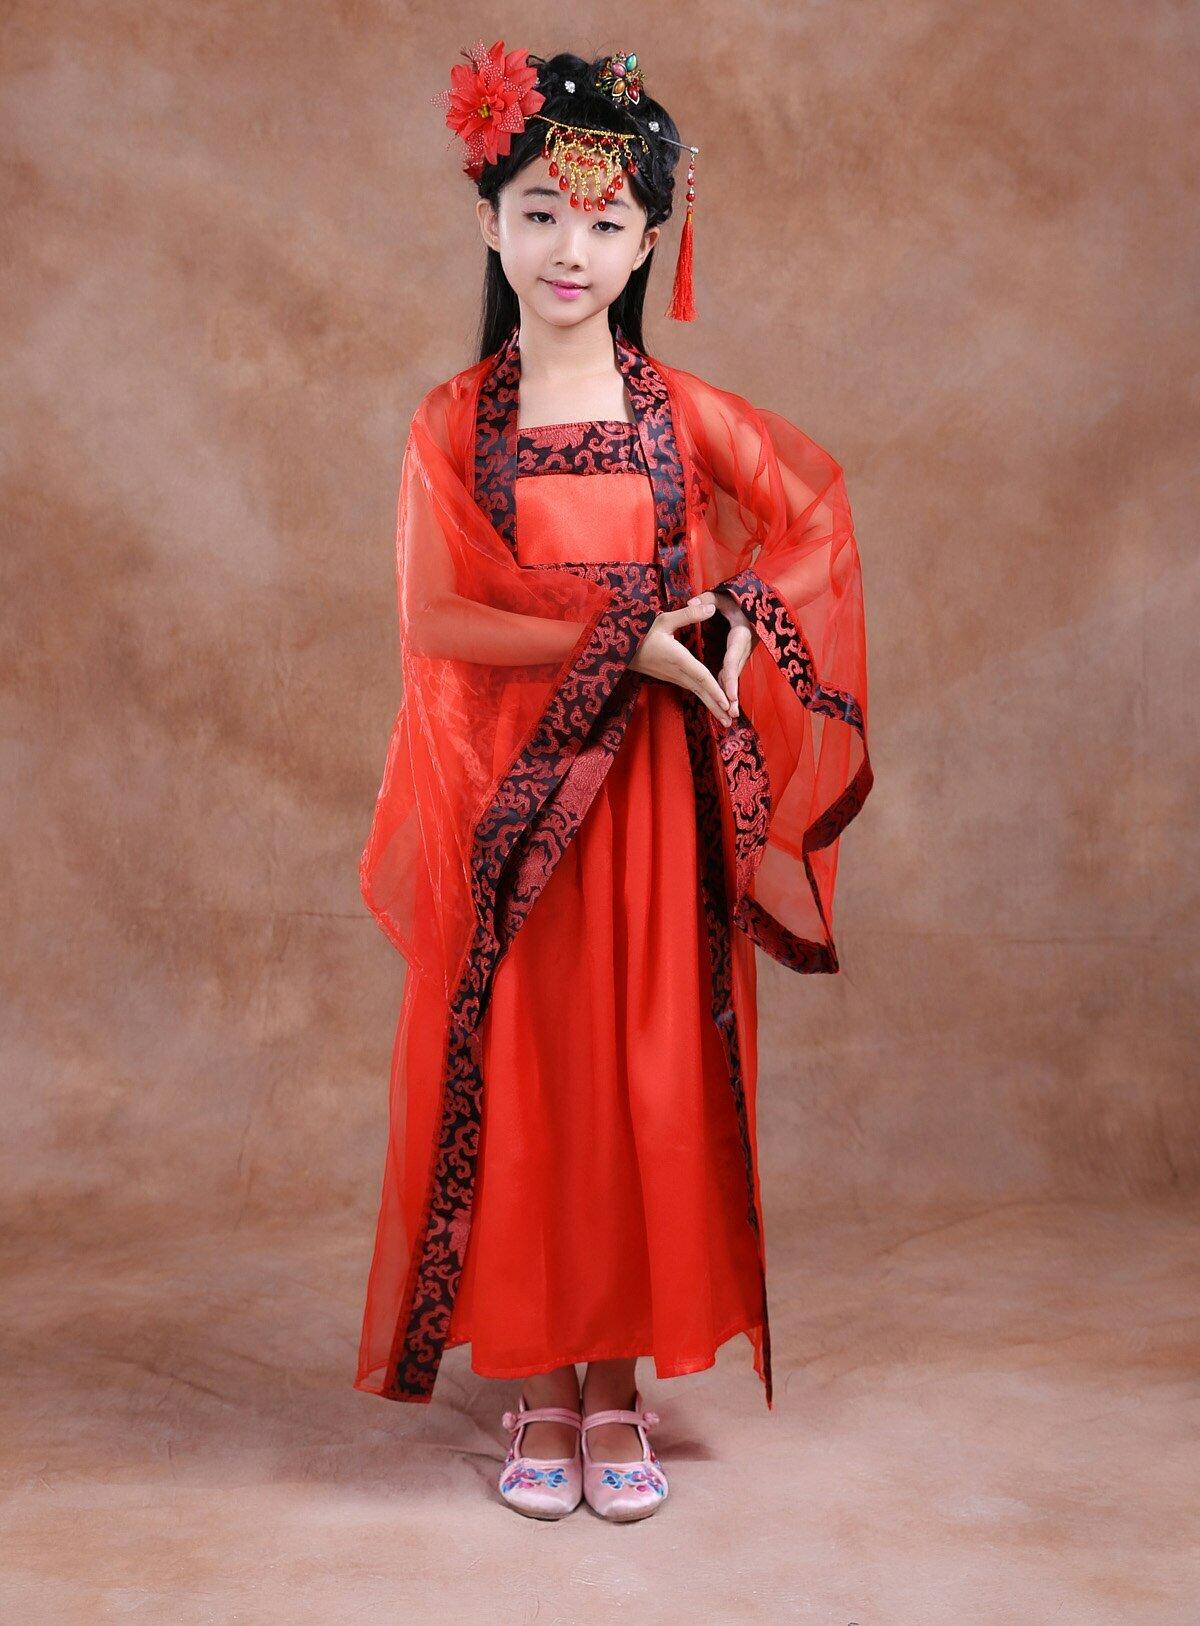 картинки китайцев в национальной одежде чтобы легким стремительным